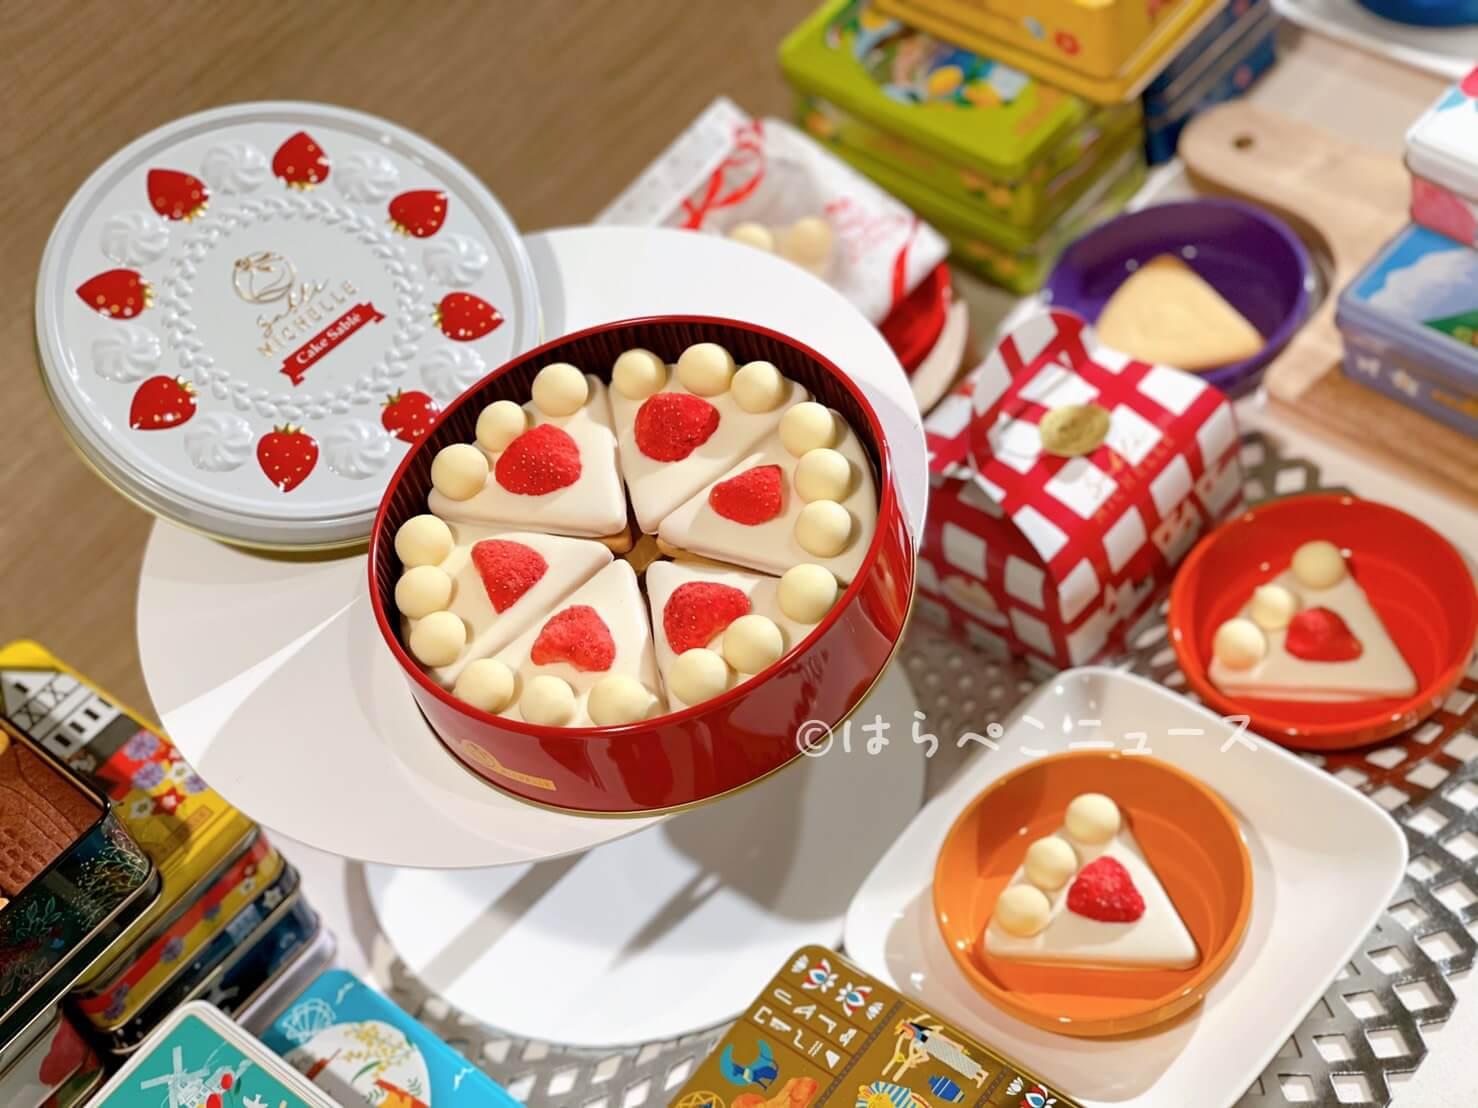 【実食レポ】『サブレミシェル』ショートケーキ型「ケーキサブレ」に世界を旅する「ヴォヤージュサブレ」